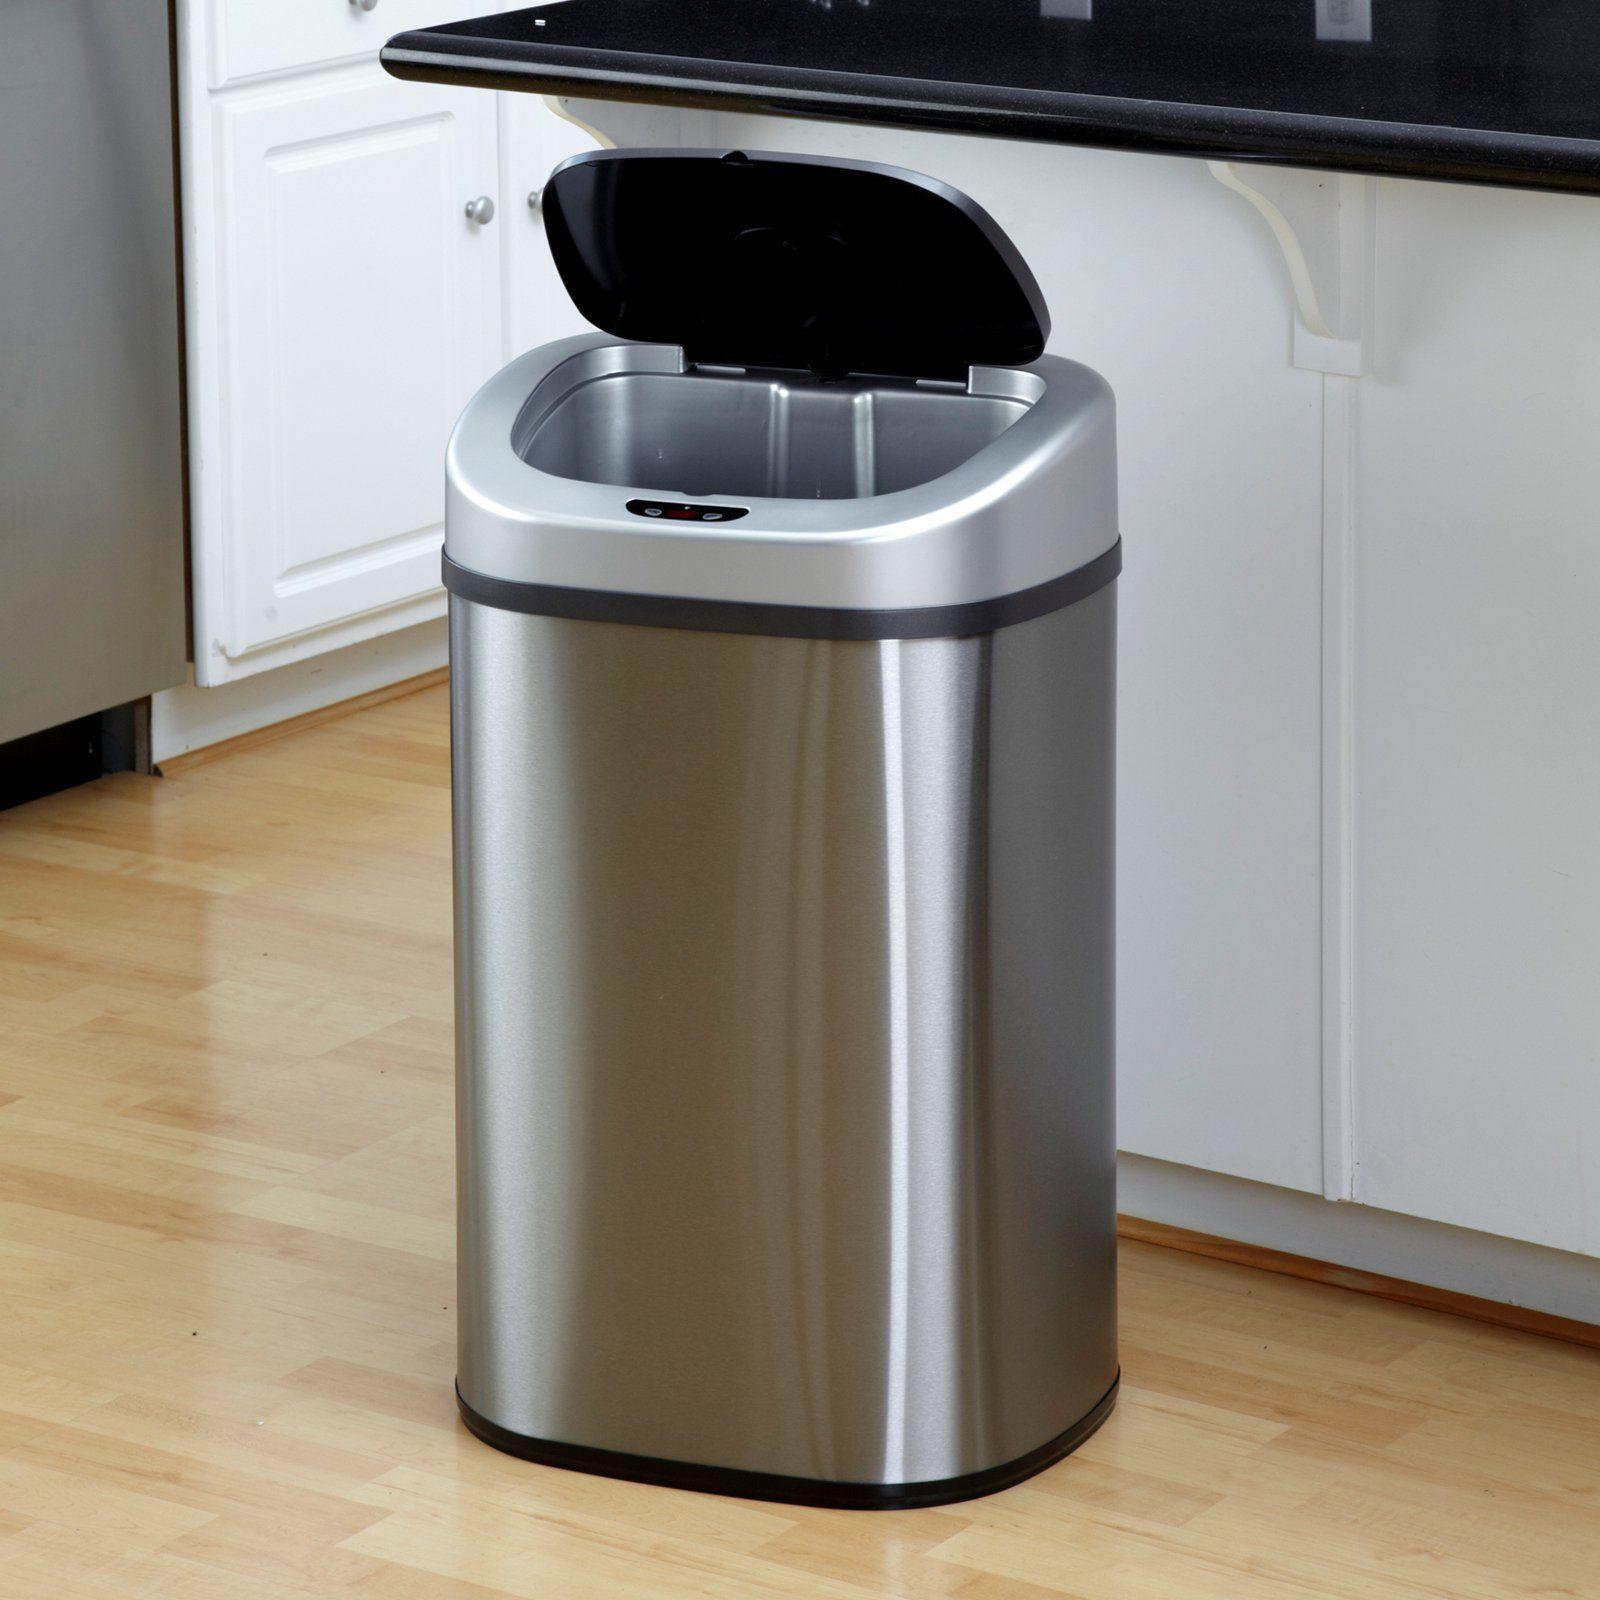 Küchenschränke um kühlschrank edelstahl küche mülleimer küche dies ist die neueste informationen